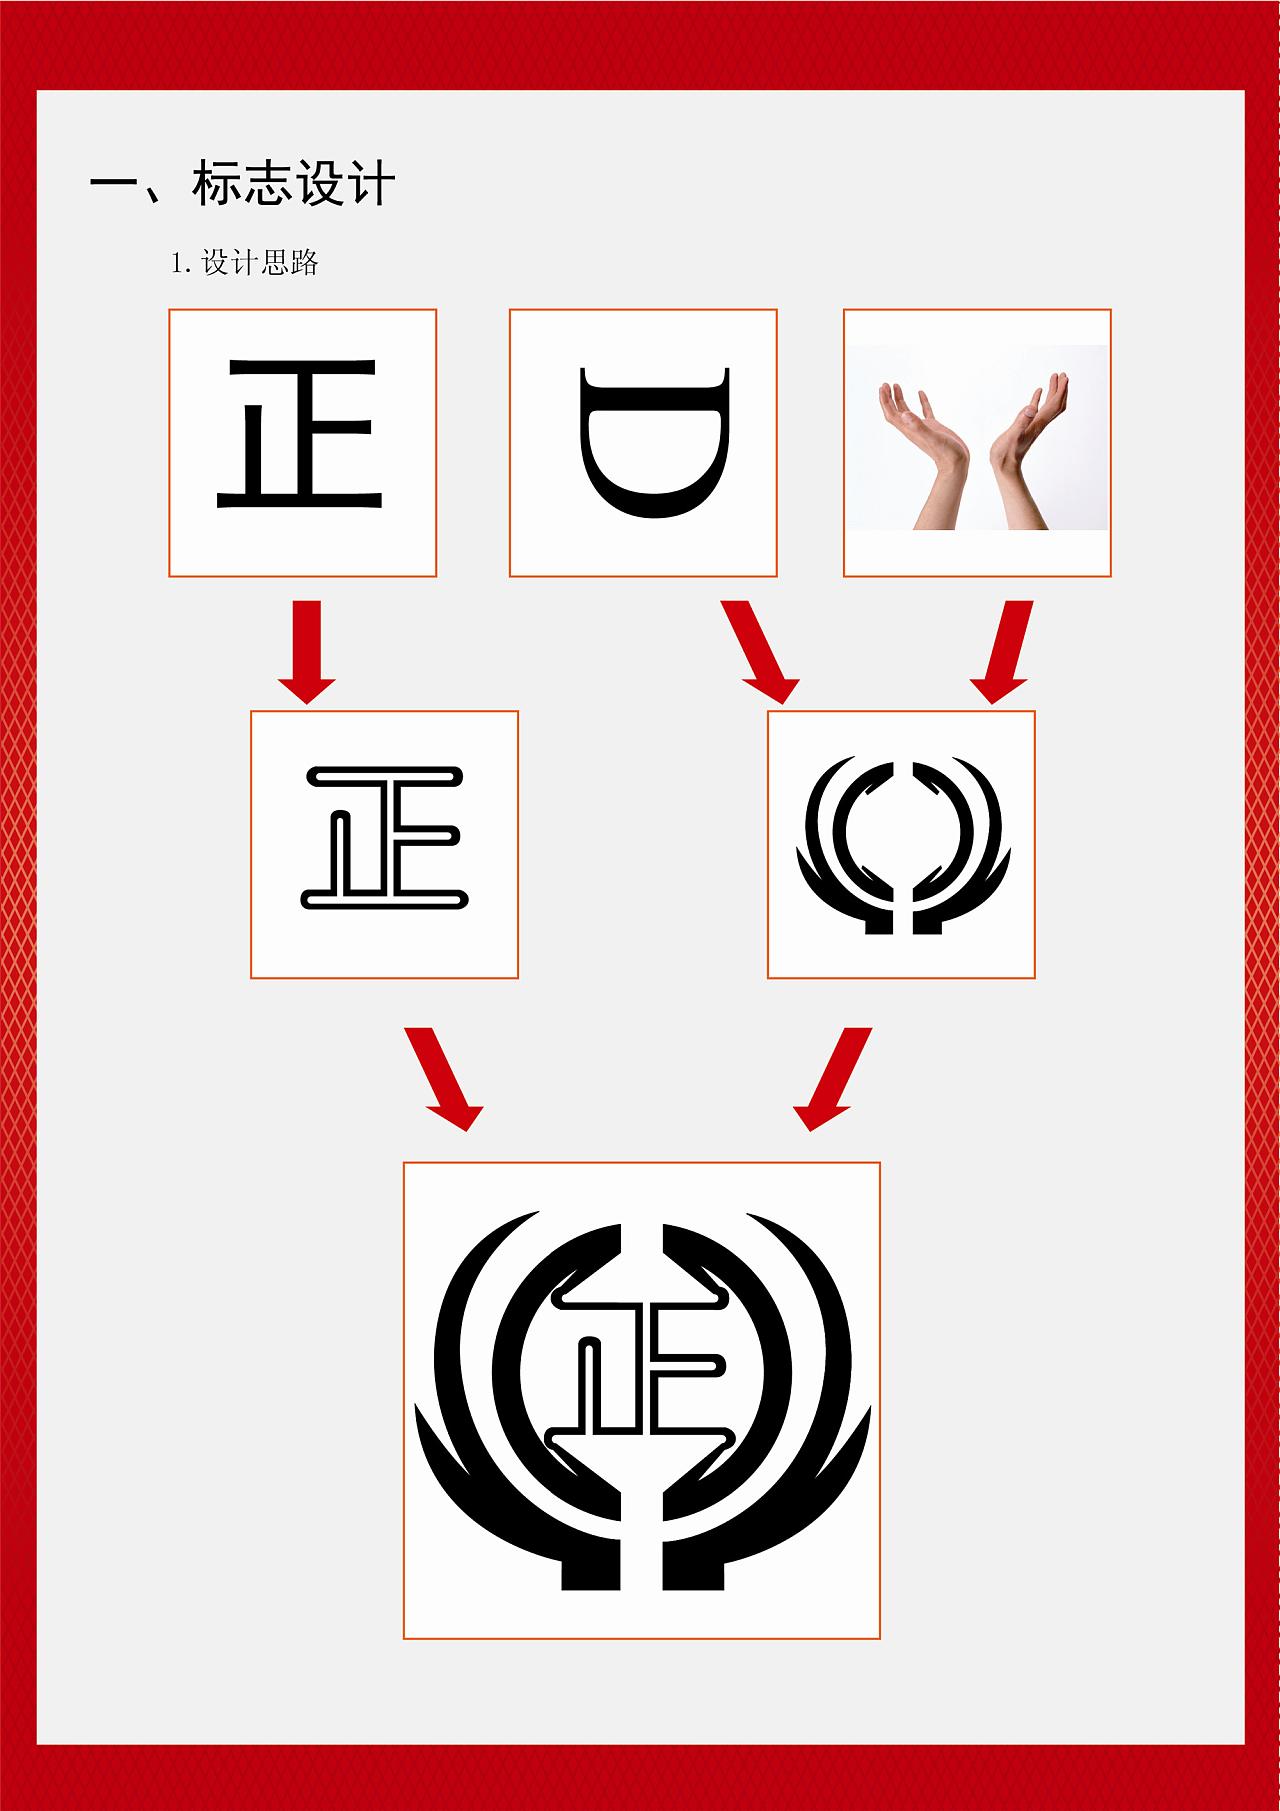 创意logo设计 平面 标志 设计份子 - 原创作品 - 站酷图片